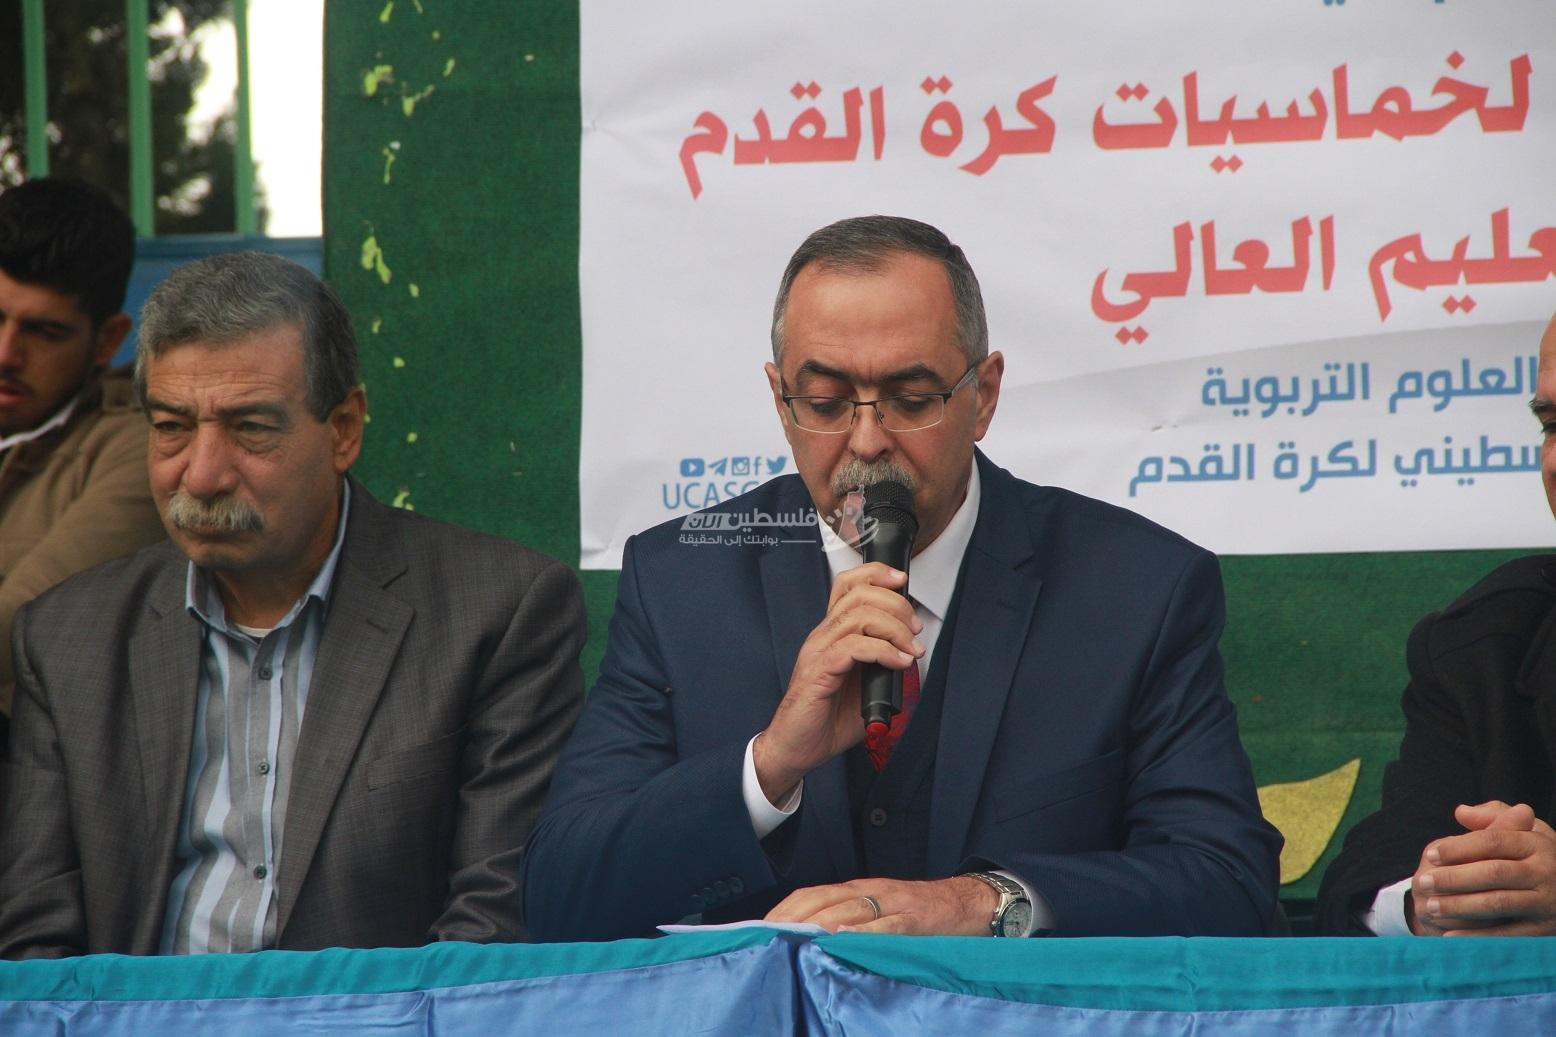 افتتاح بطولة التضامن والعودة لجامعات قطاع غزة